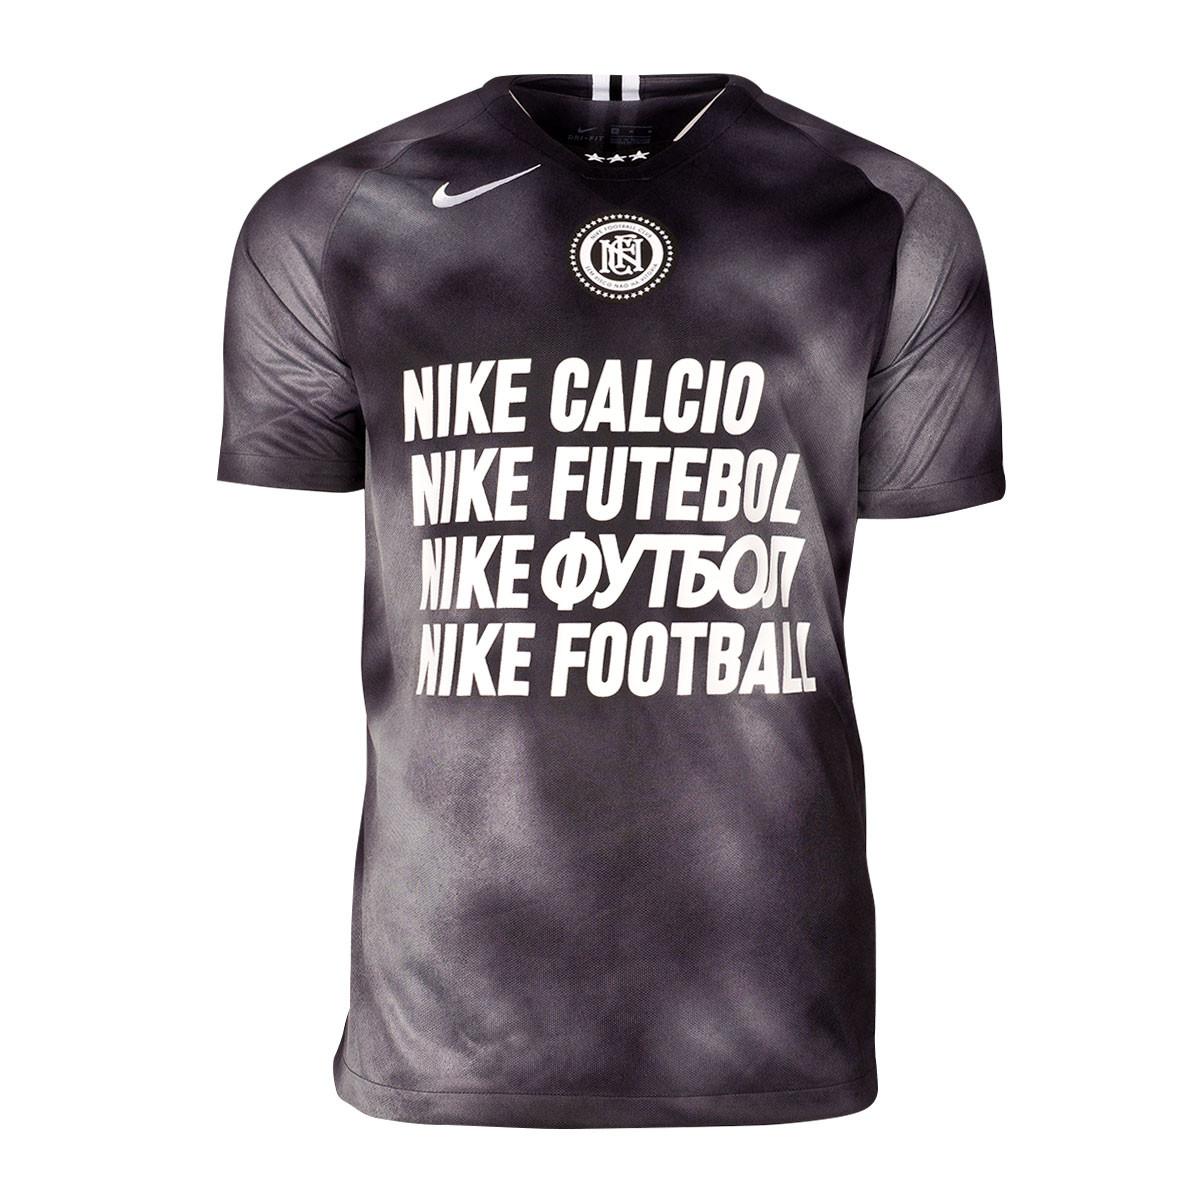 Maglietta : nike vestiti, negozio online nike, nike calcio